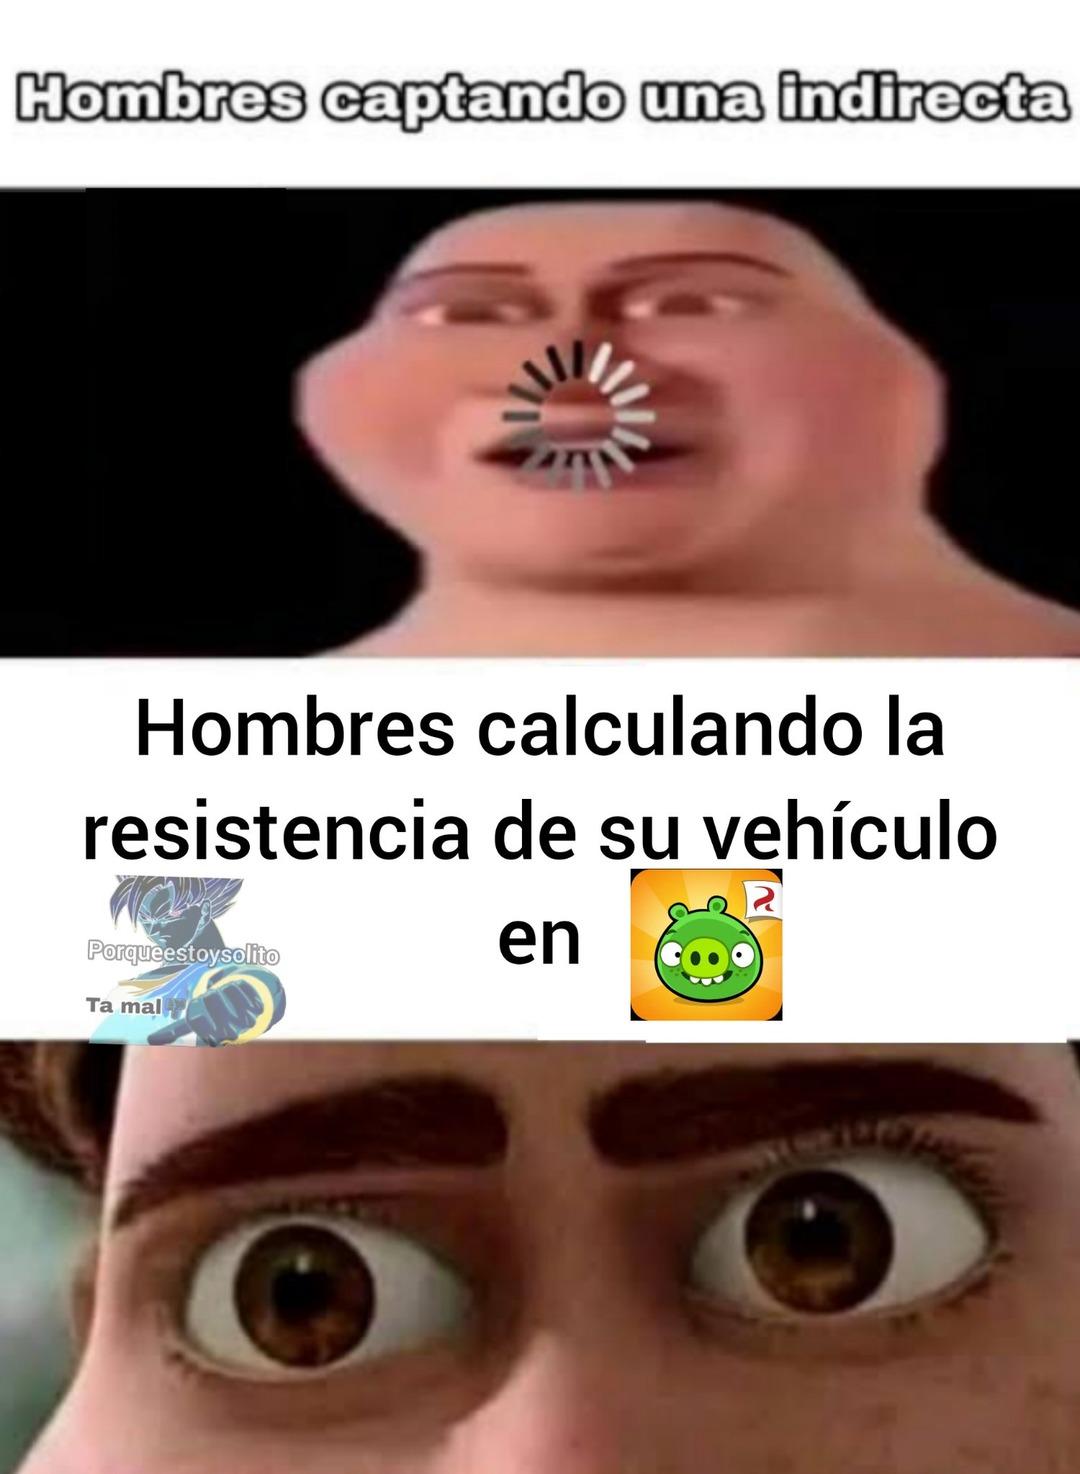 Resistencia - meme